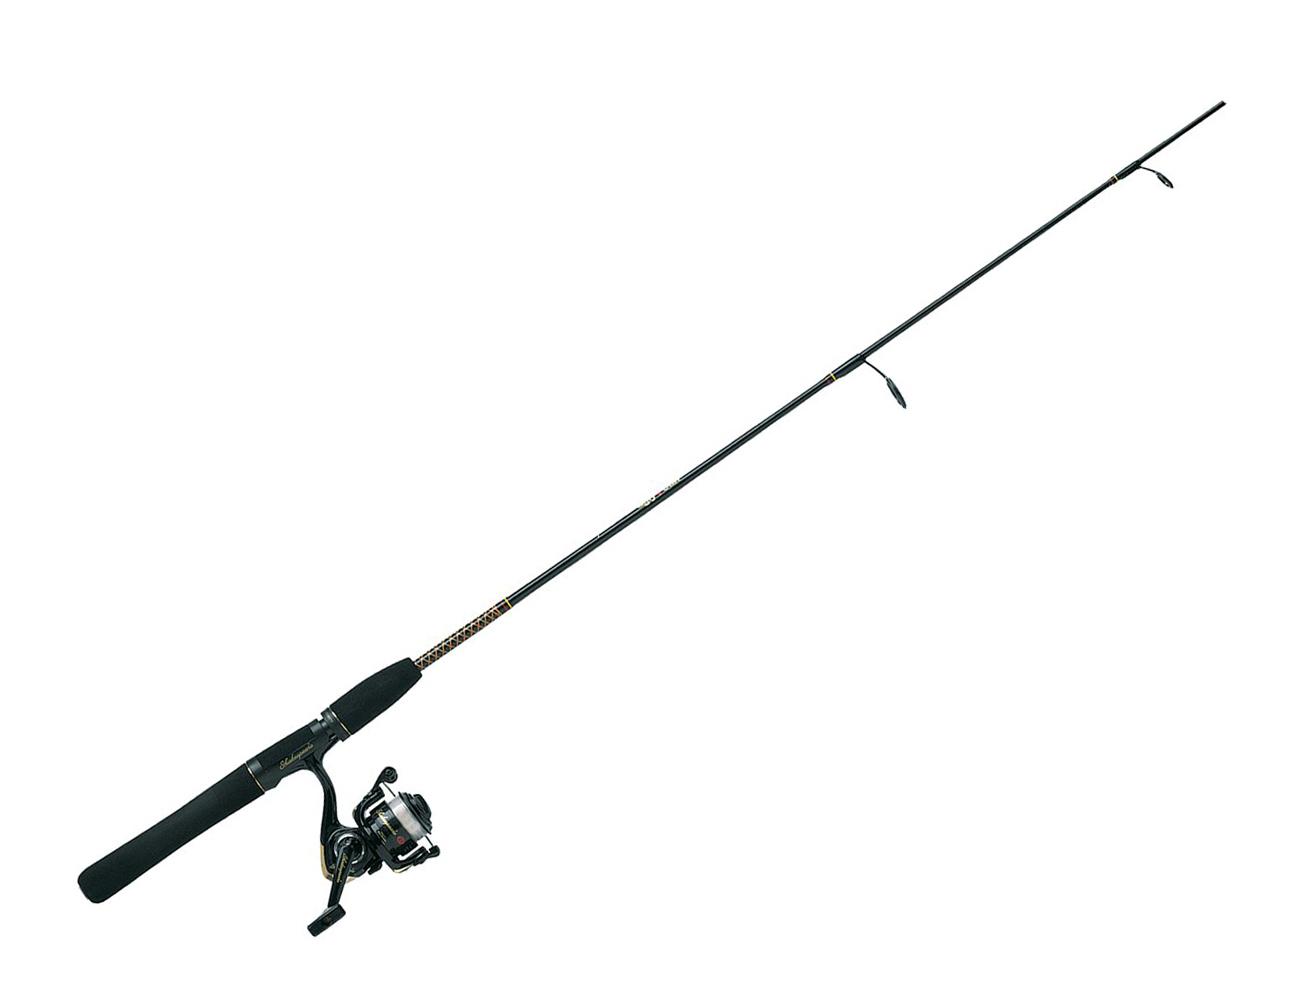 Fishing Pole Clip Art & Fishing Pole Clip Art Clip Art Images.